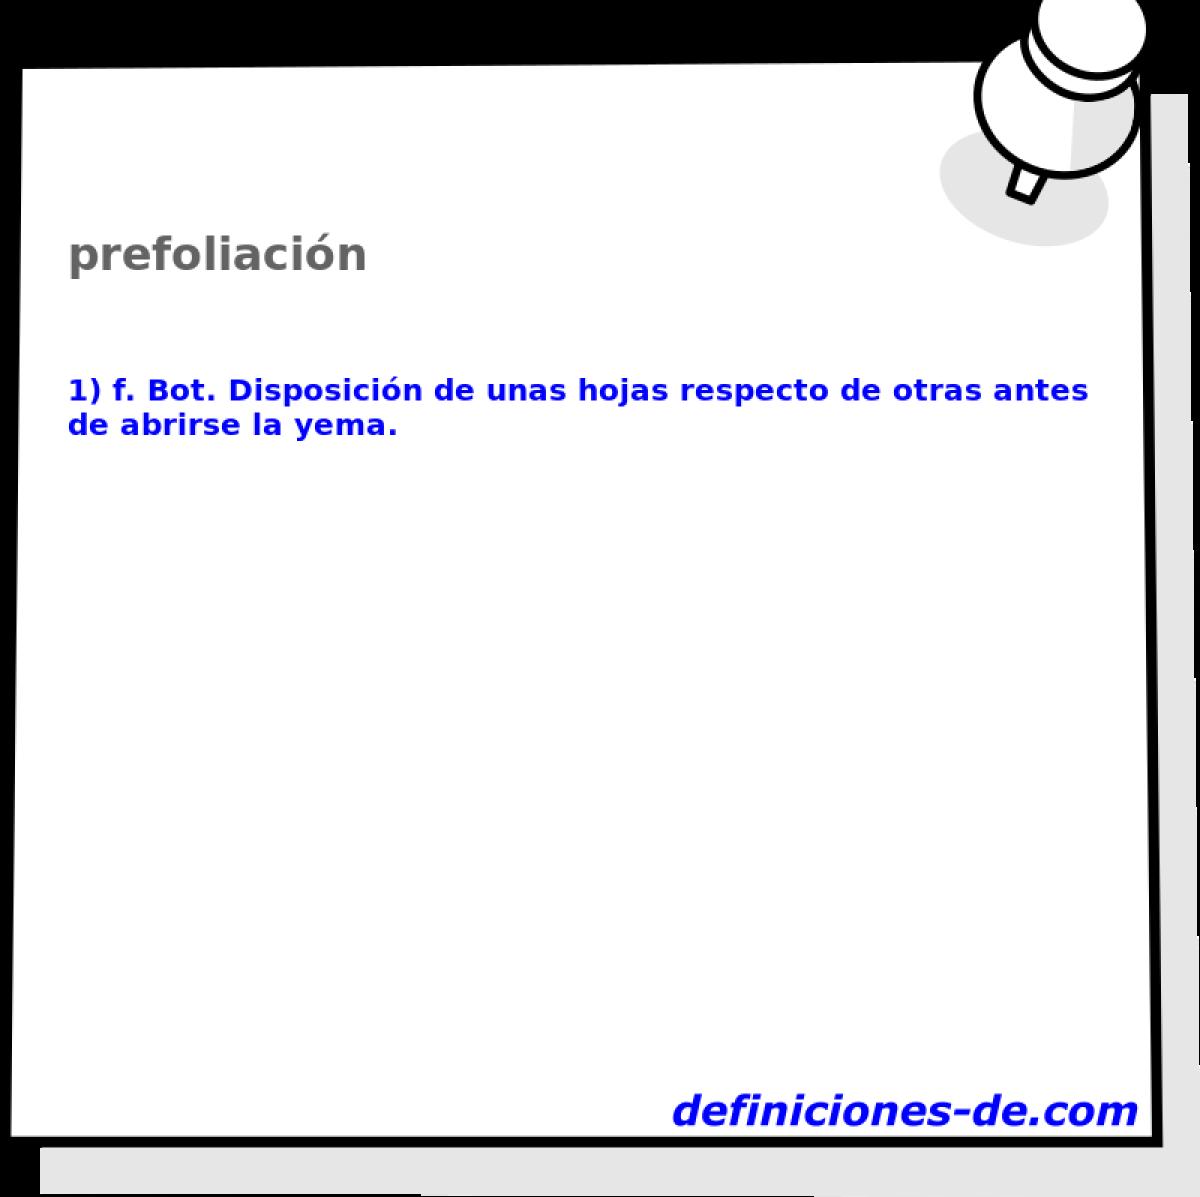 Qué significa Prefoliación?